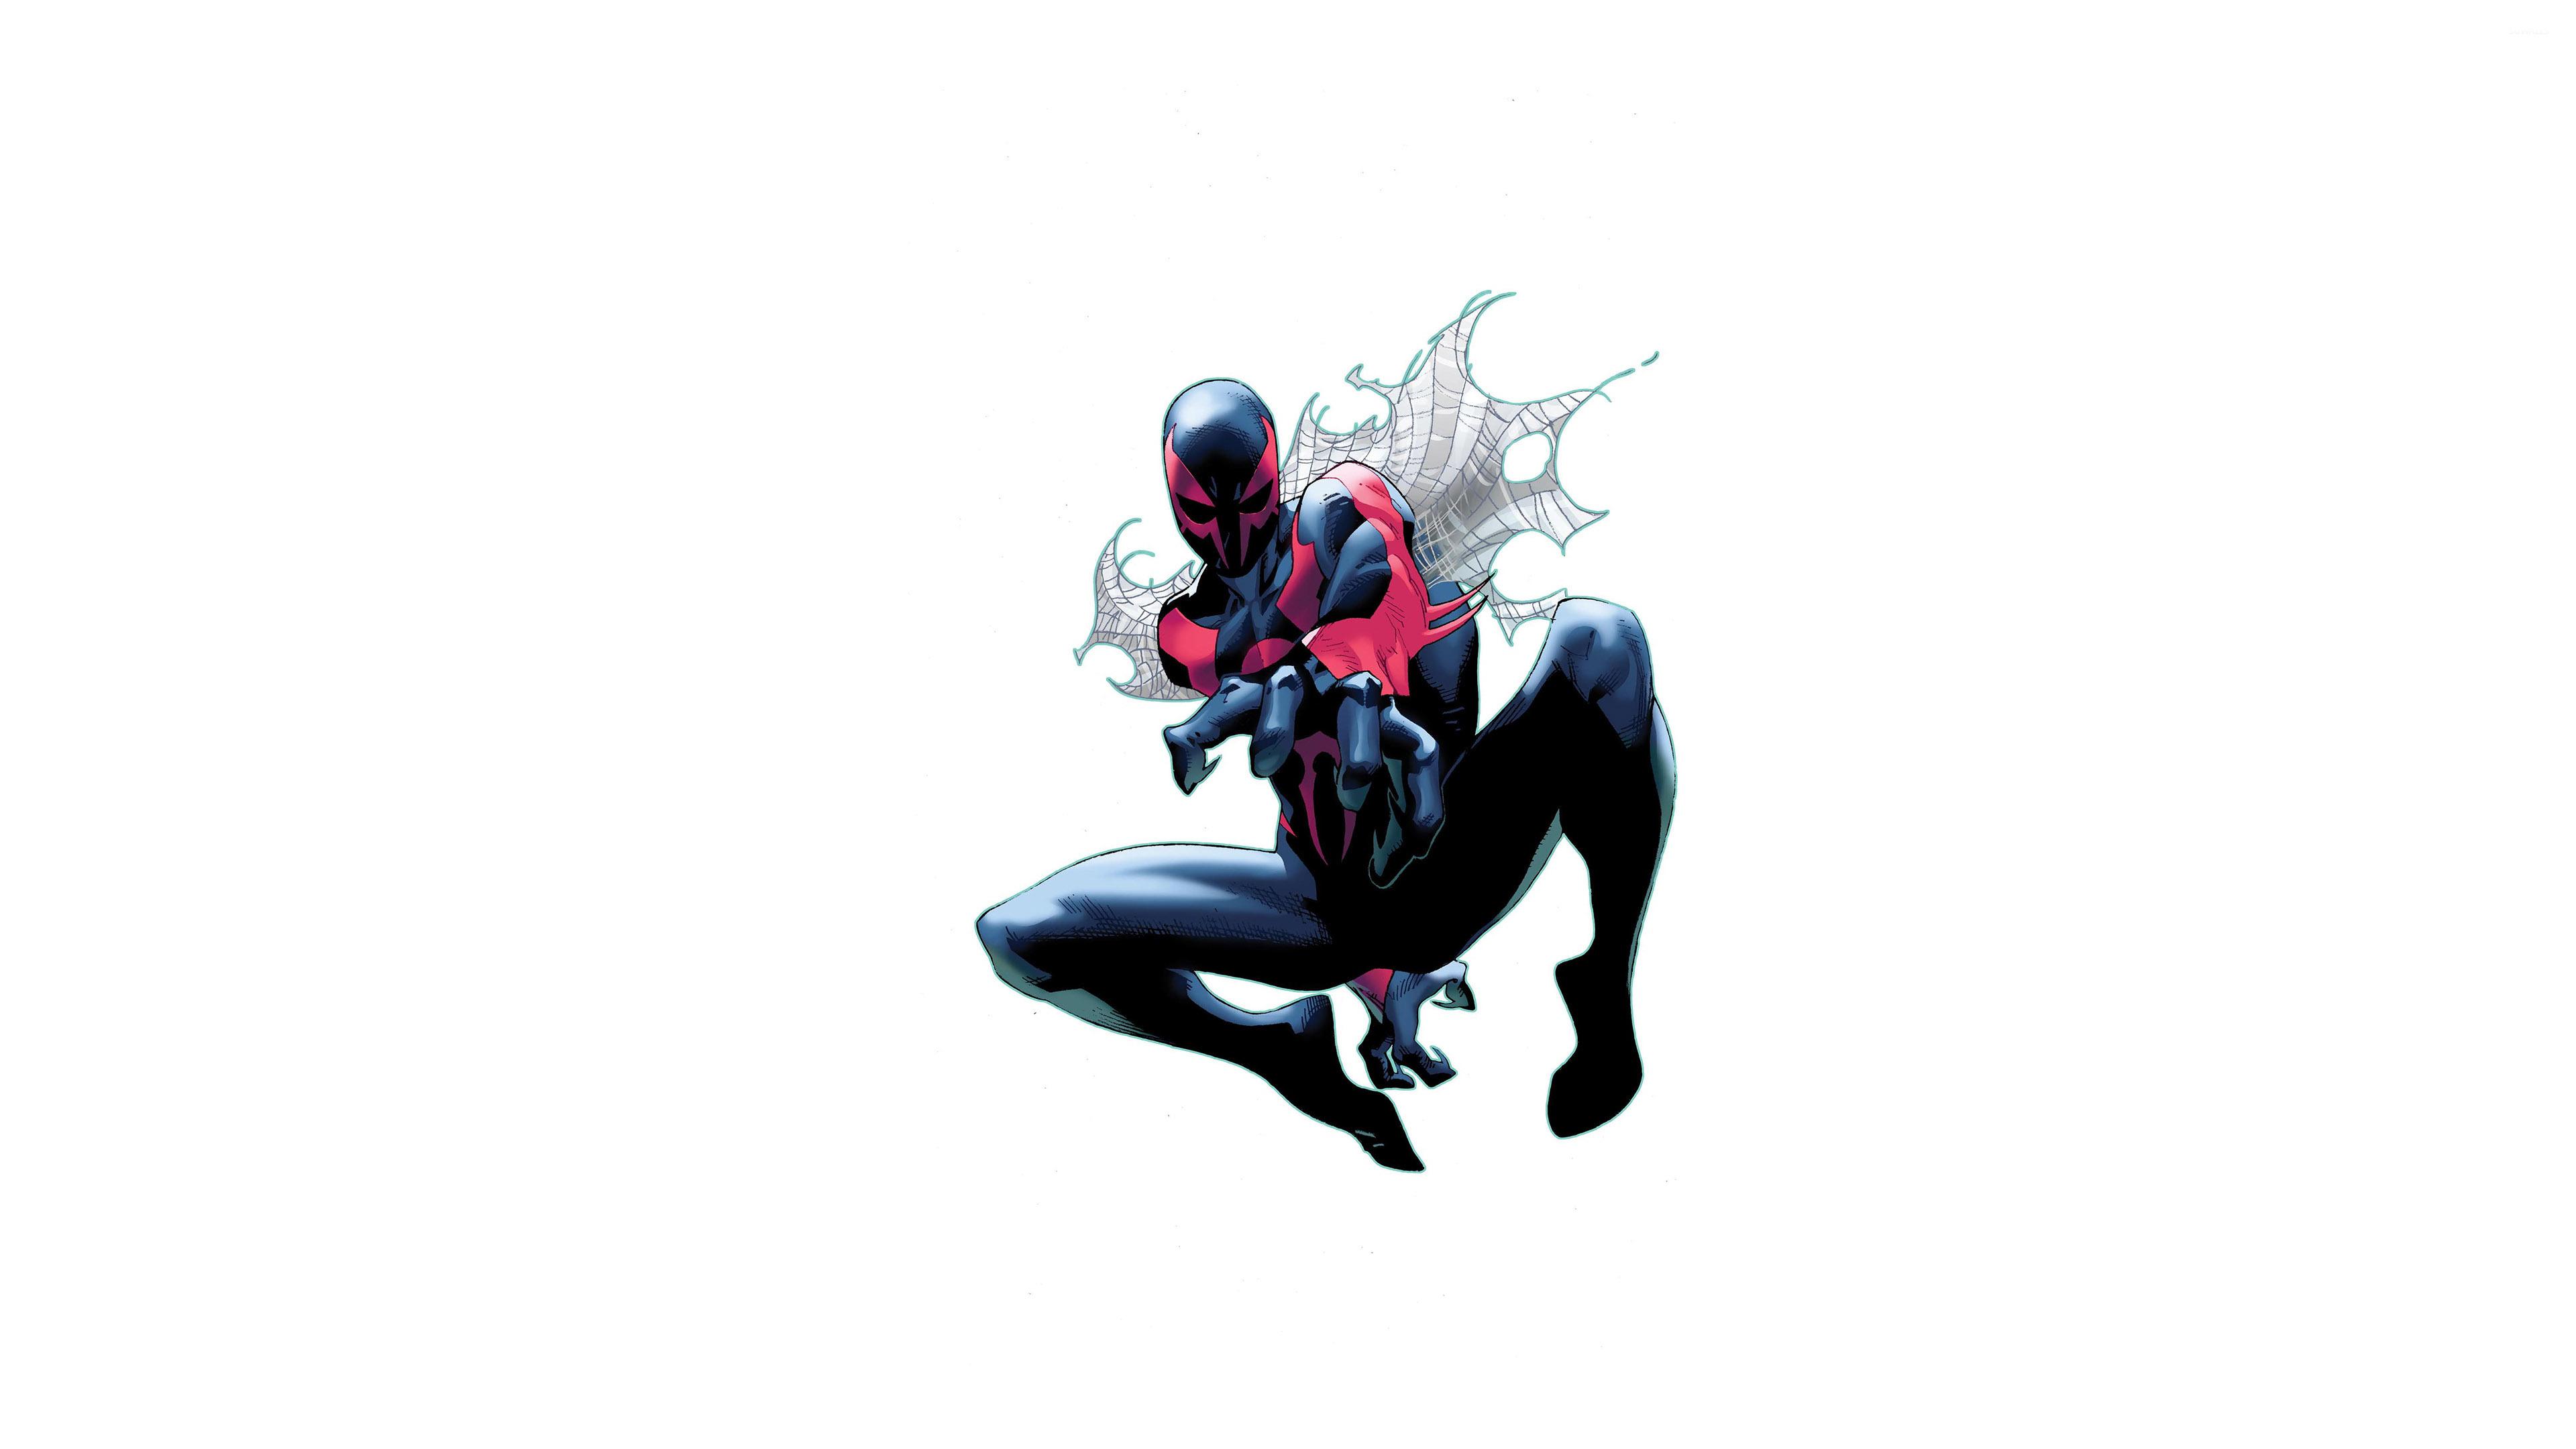 человек паук прыжок  № 3316434 бесплатно